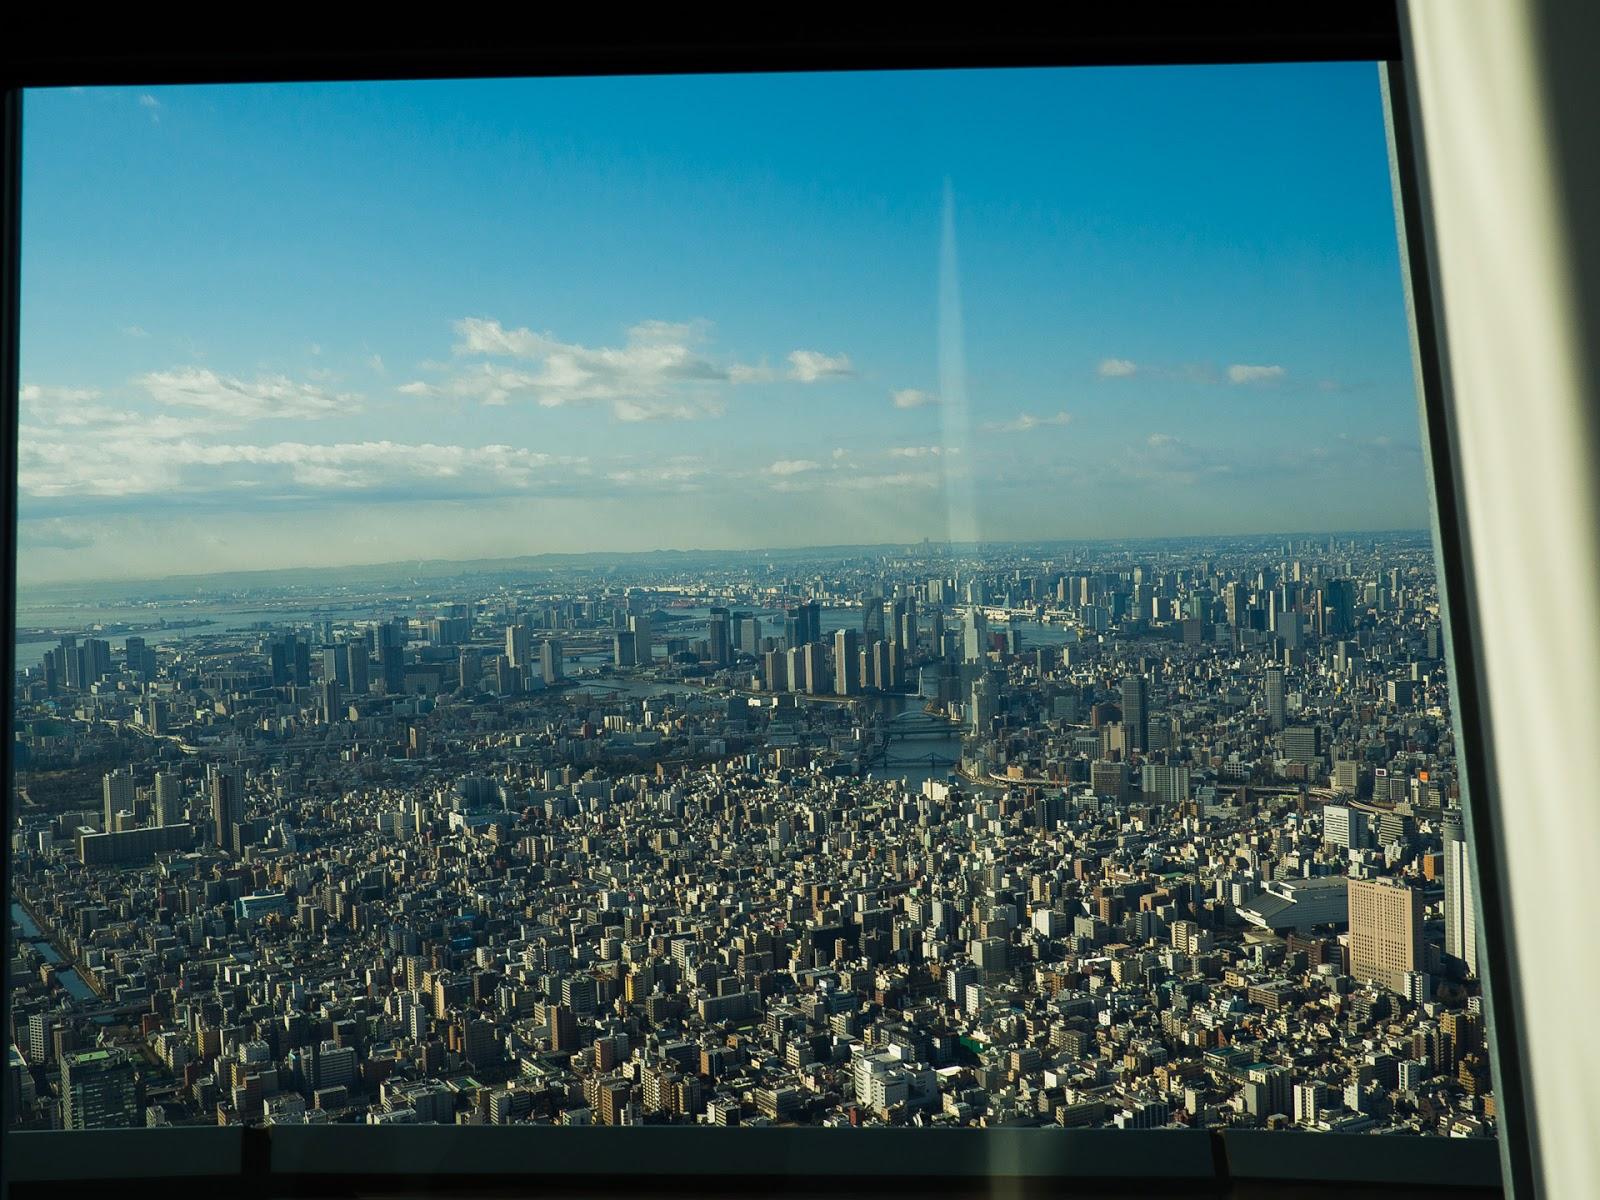 東京スカイツリー展望回廊から、南南西(銀座方面)の風景